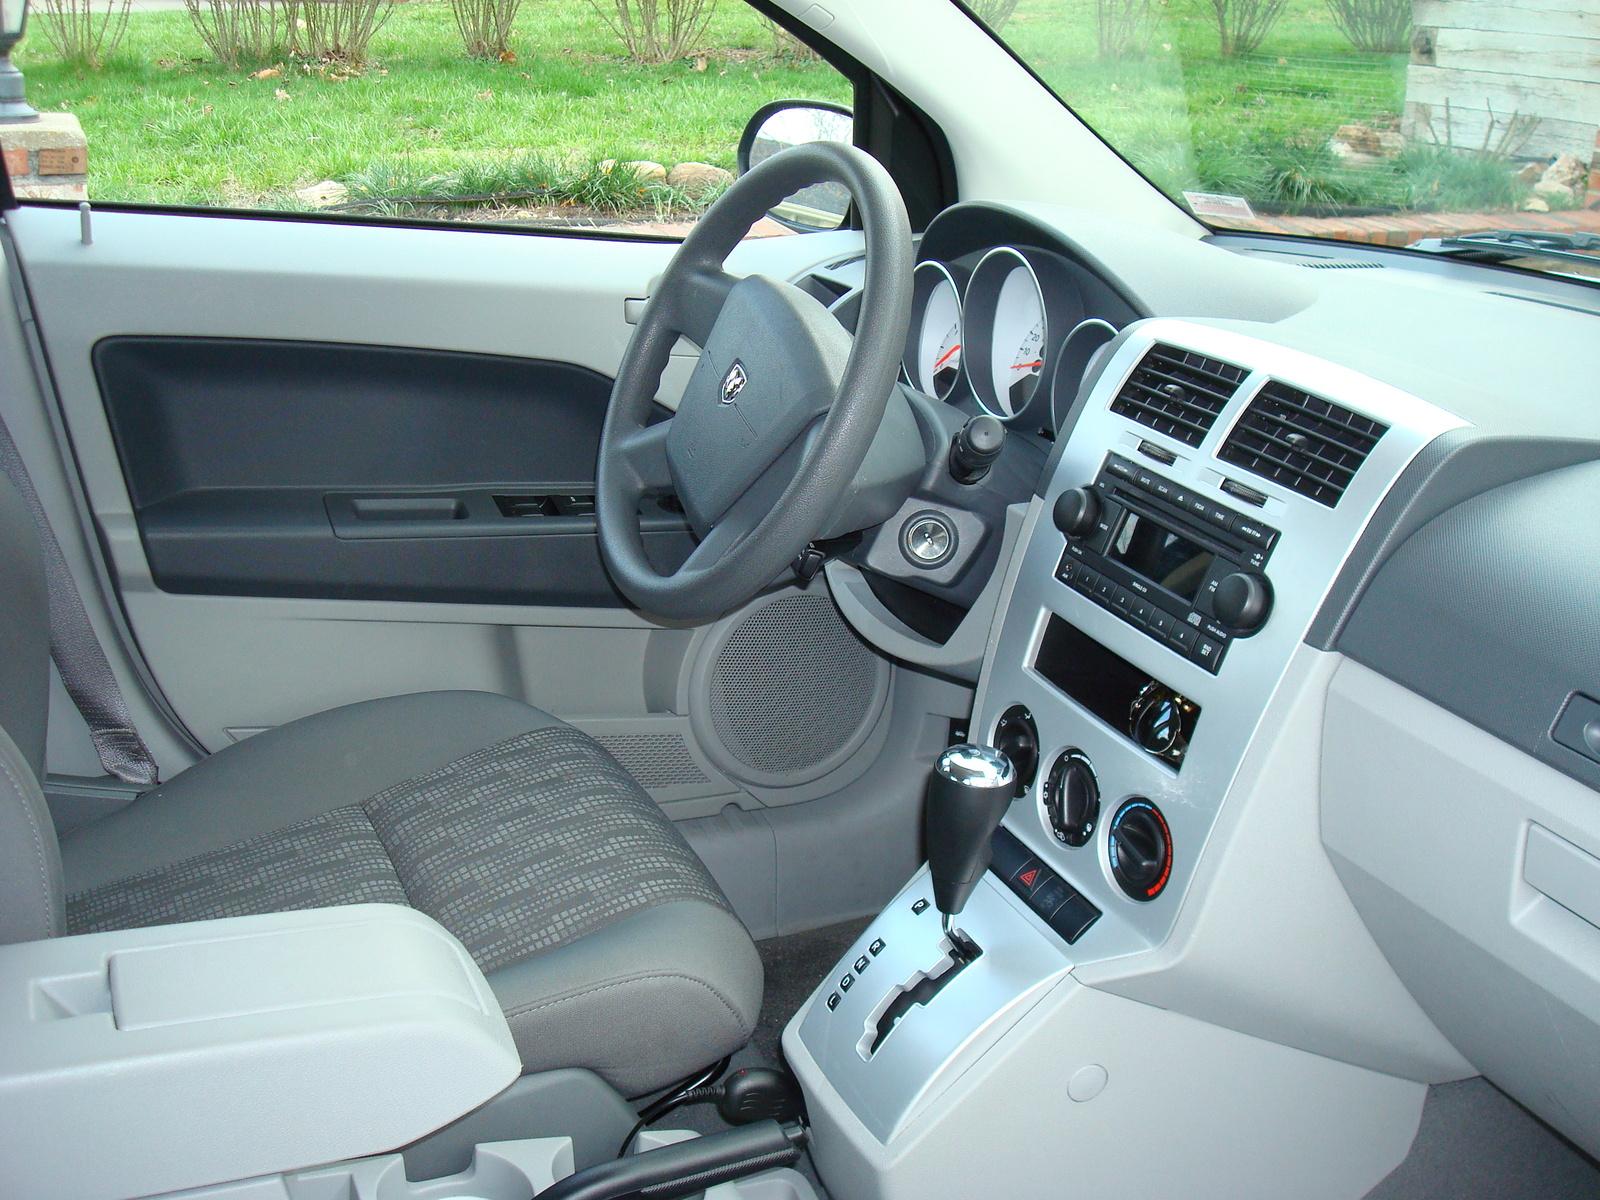 2007 dodge caliber exterior pictures cargurus